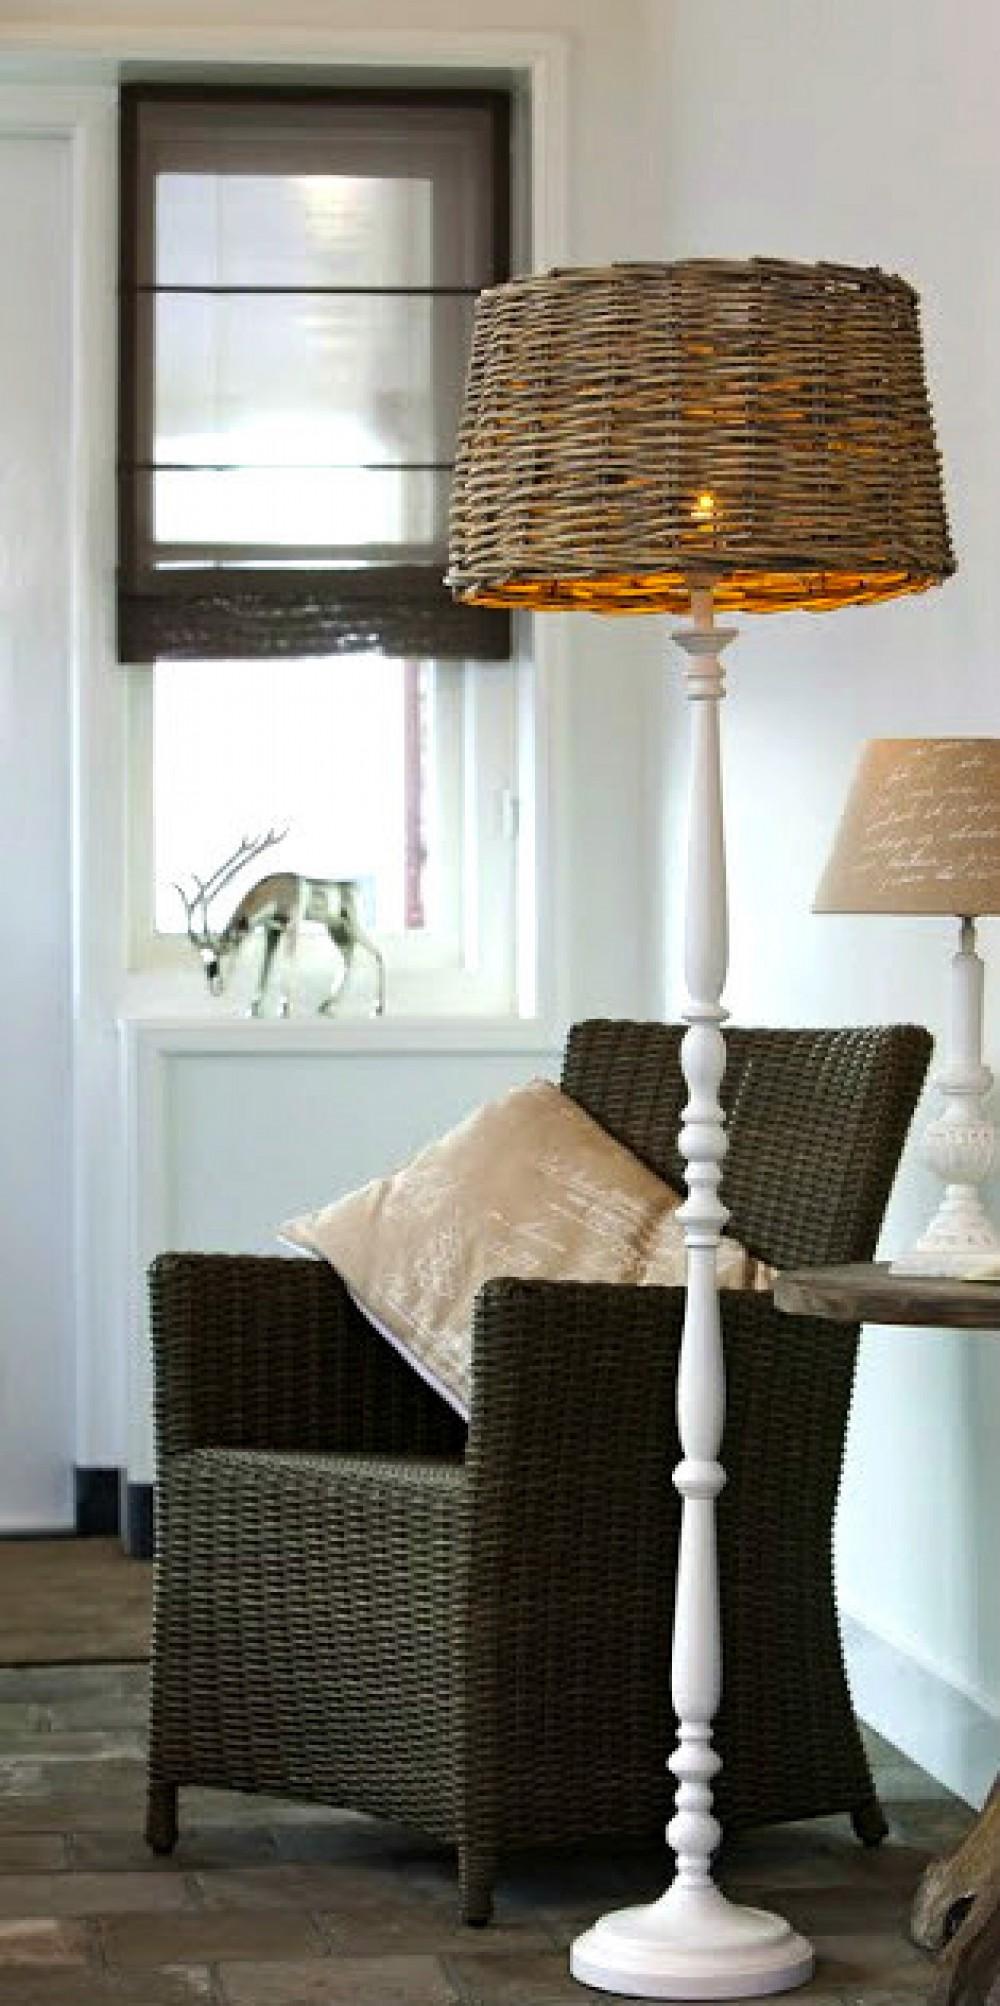 Stehleuchte mit Lampenschirm im Landhausstil, Stehlampe mit Rattan ...